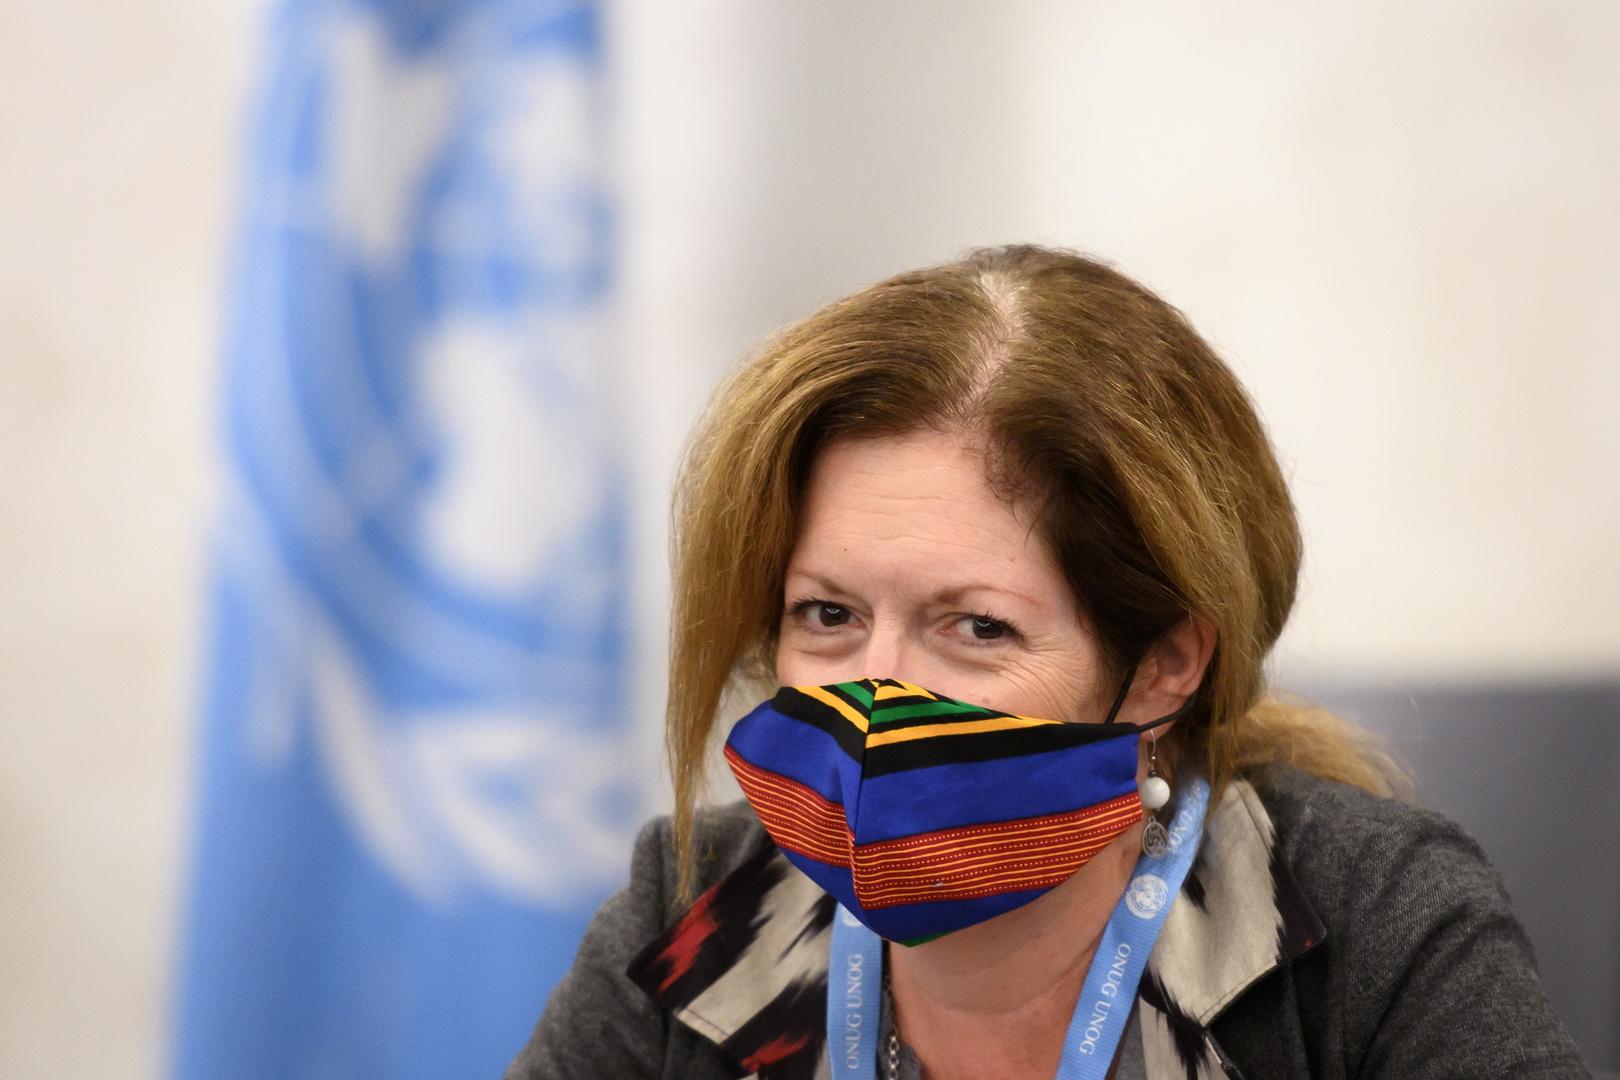 الأمم المتحدة تعلن عن توصل طرفي النزاع الليبي إلى سلسلة اتفاقات مهمة